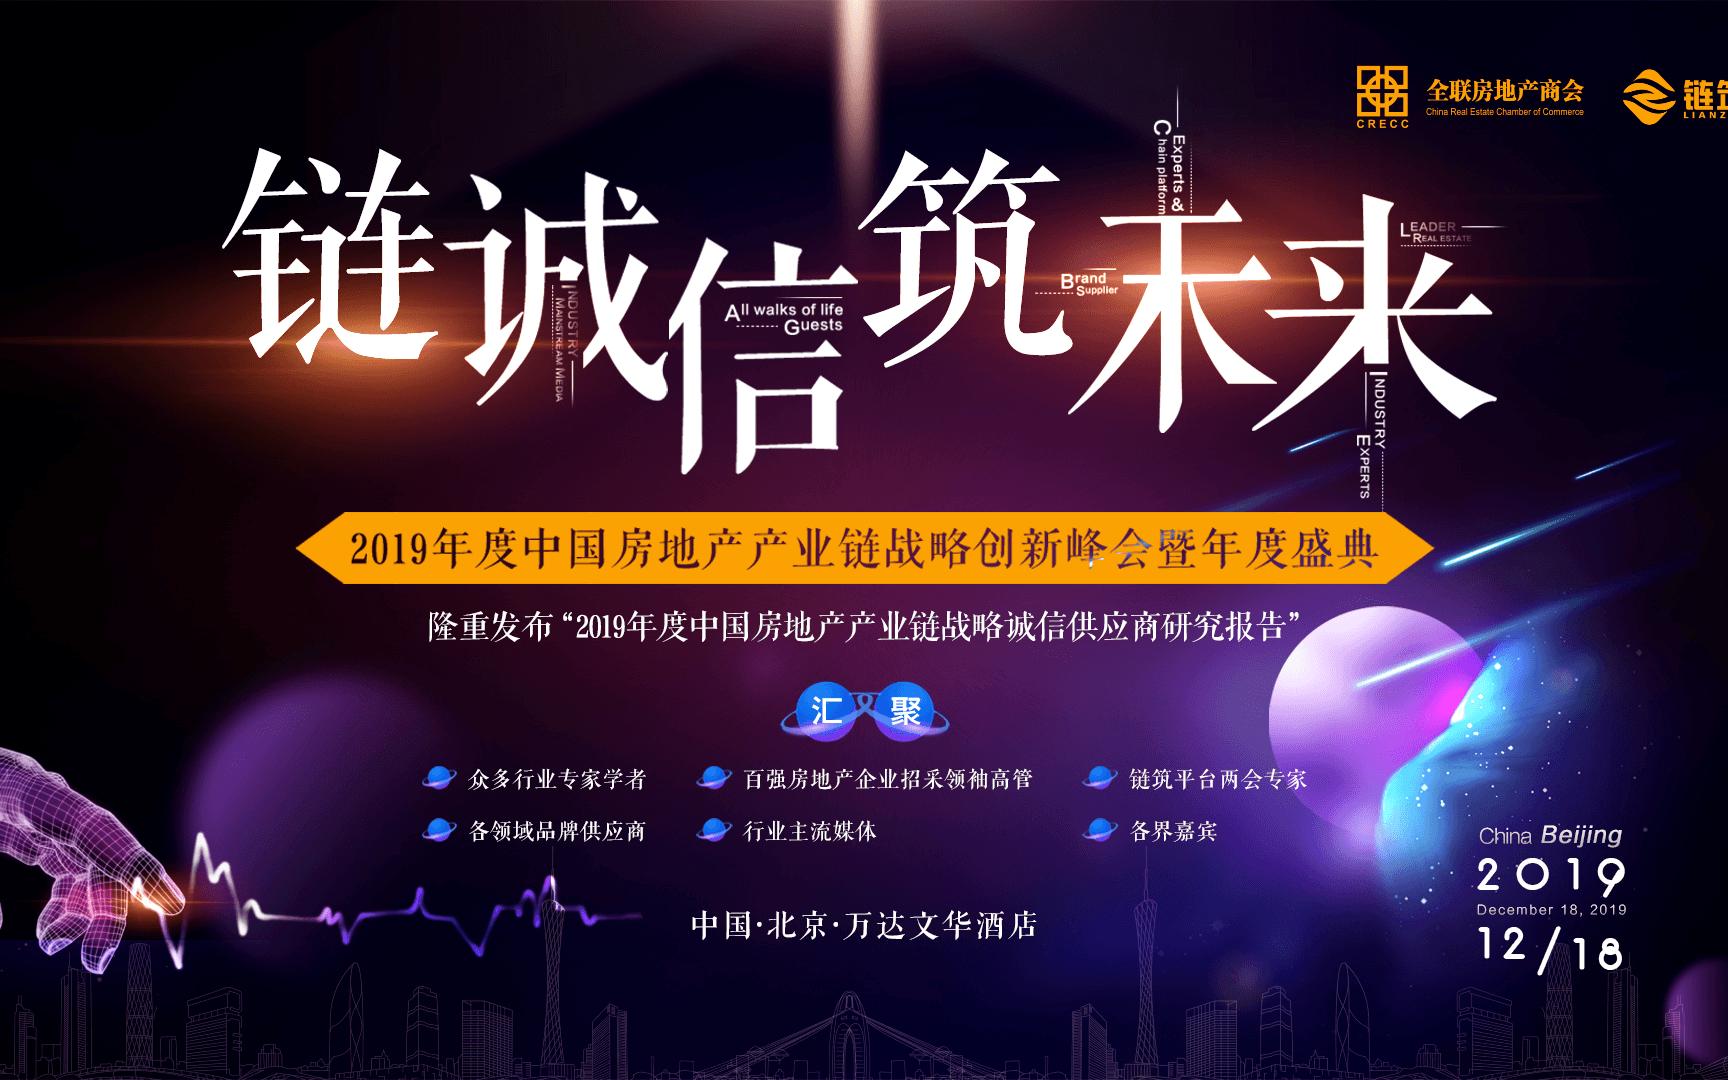 2019年度中国房地产产业链战略创新峰会暨年度盛典(北京)